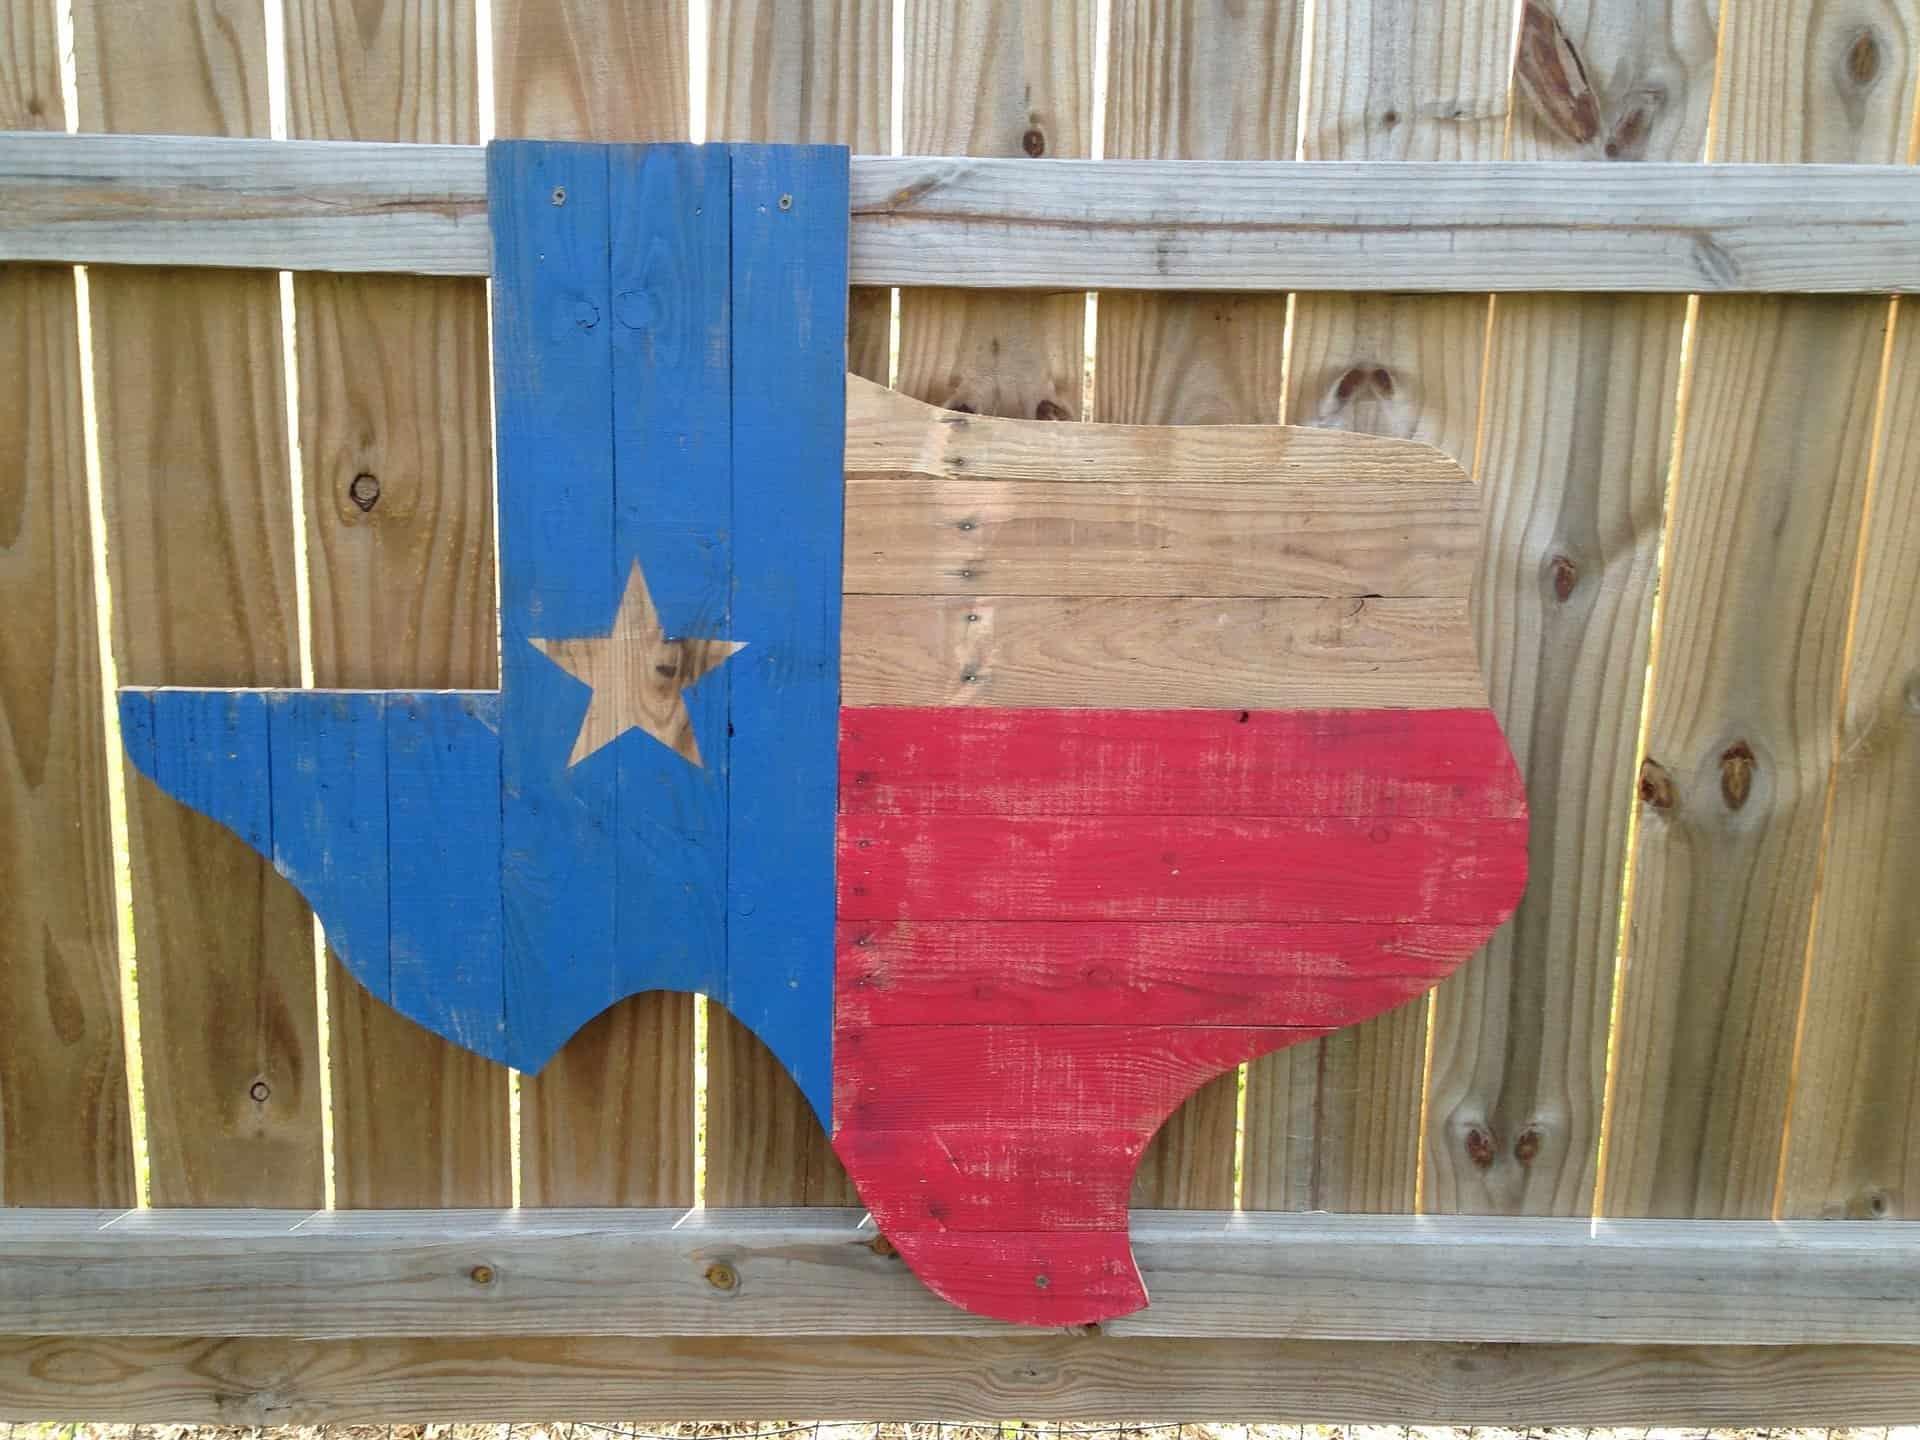 Texan culture